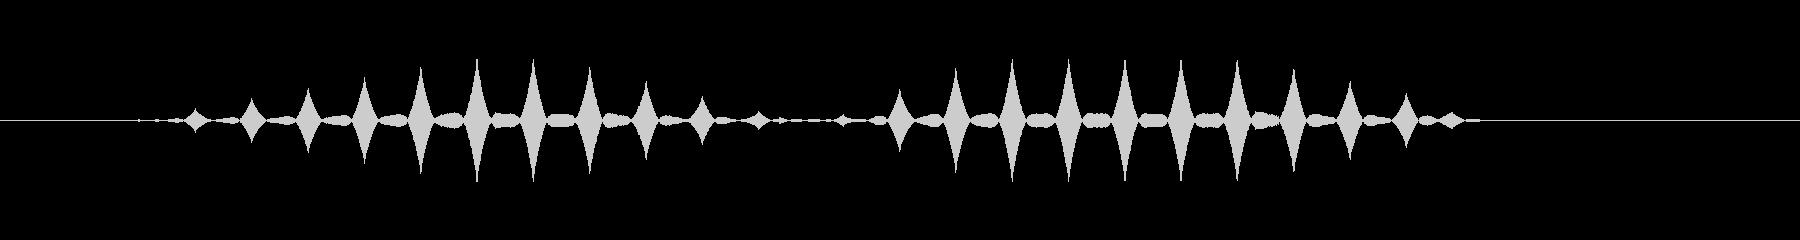 ブブ1【選択不可、使用不可、エラー】の未再生の波形